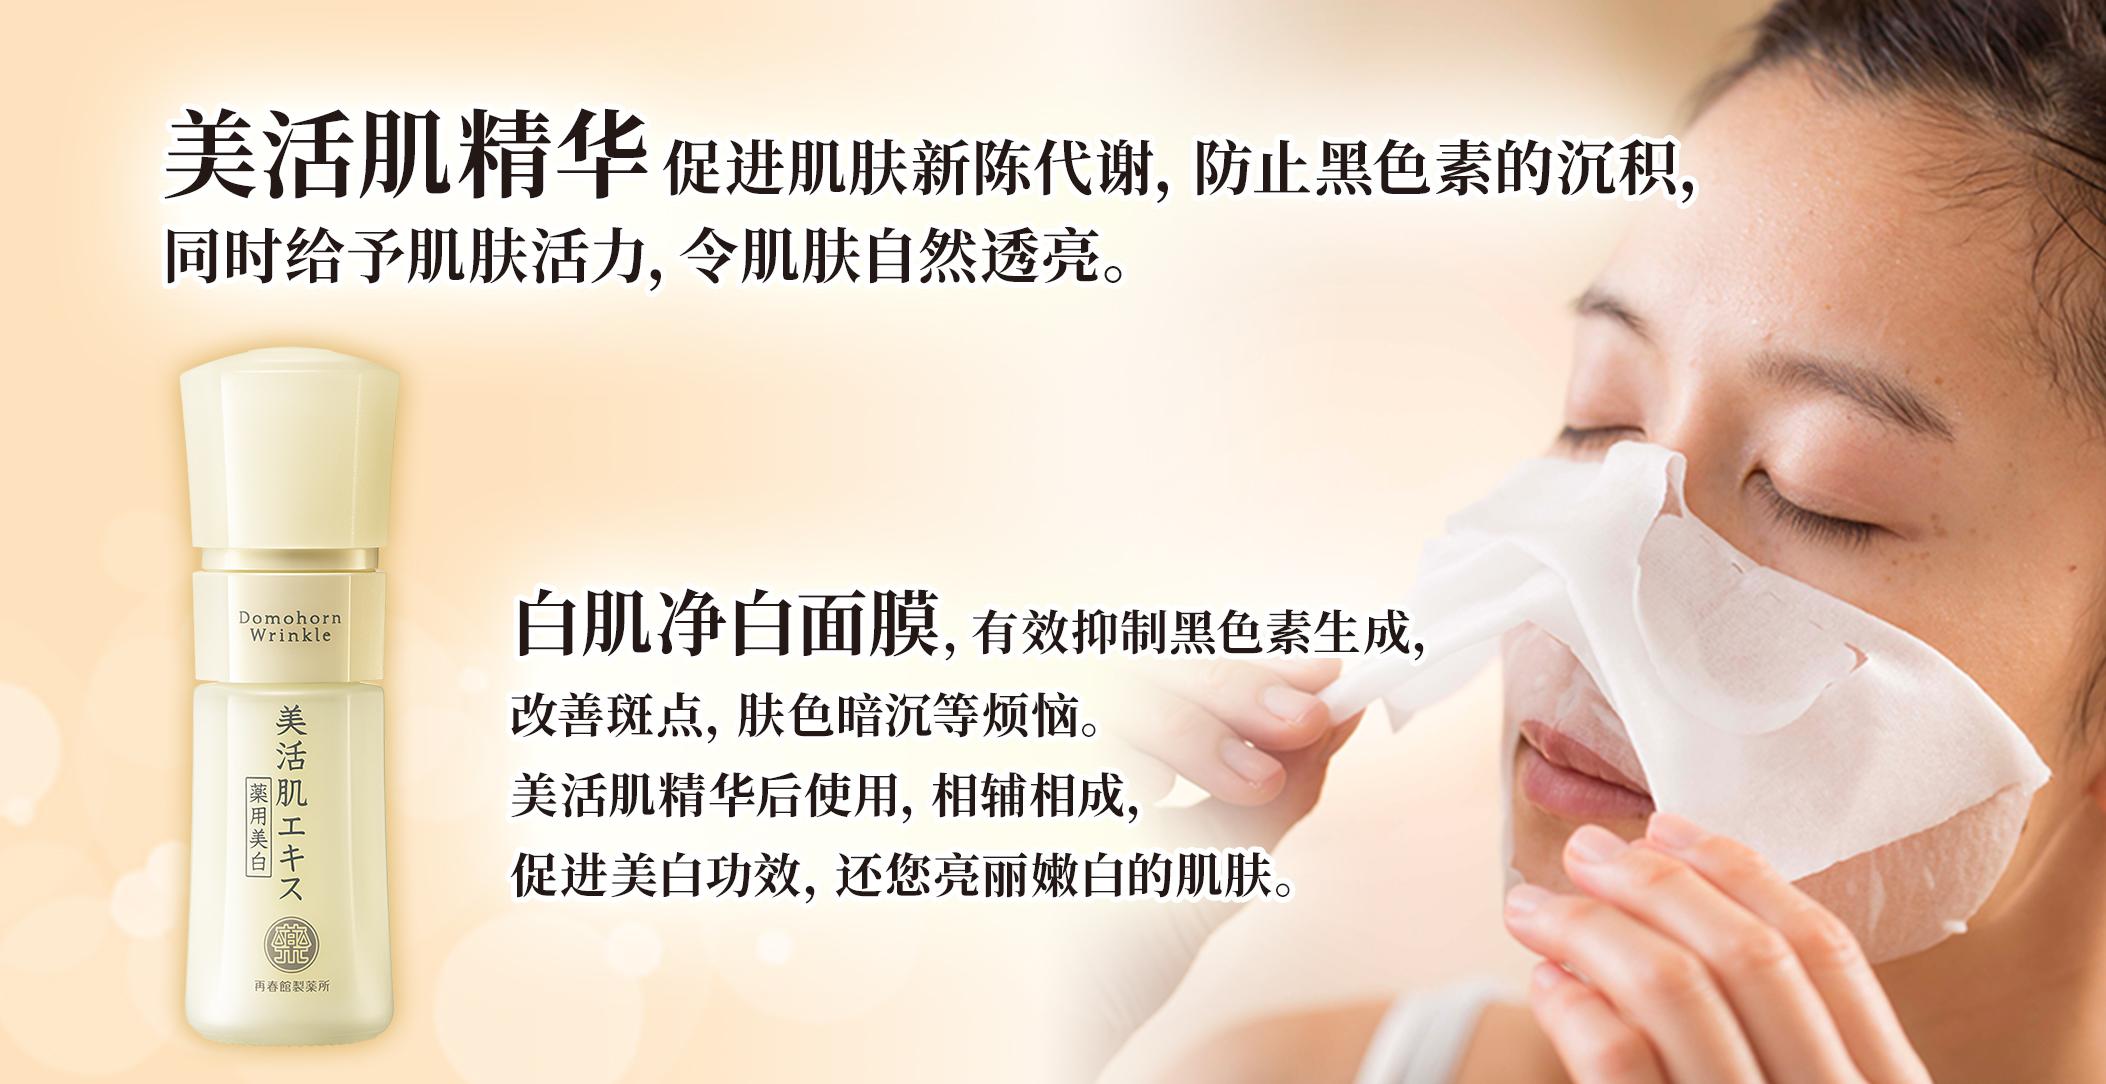 美活肌精华促进肌肤新陈代谢,防止黑色素的沉积, 同时给予肌肤活力,令肌肤自然透亮。 白肌净白面膜,有效抑制黑色素生成, 改善斑点,肤色暗沉等烦恼。 美活肌精华后使用,相辅相成, 促进美白功效,还您亮丽嫩白的肌肤。